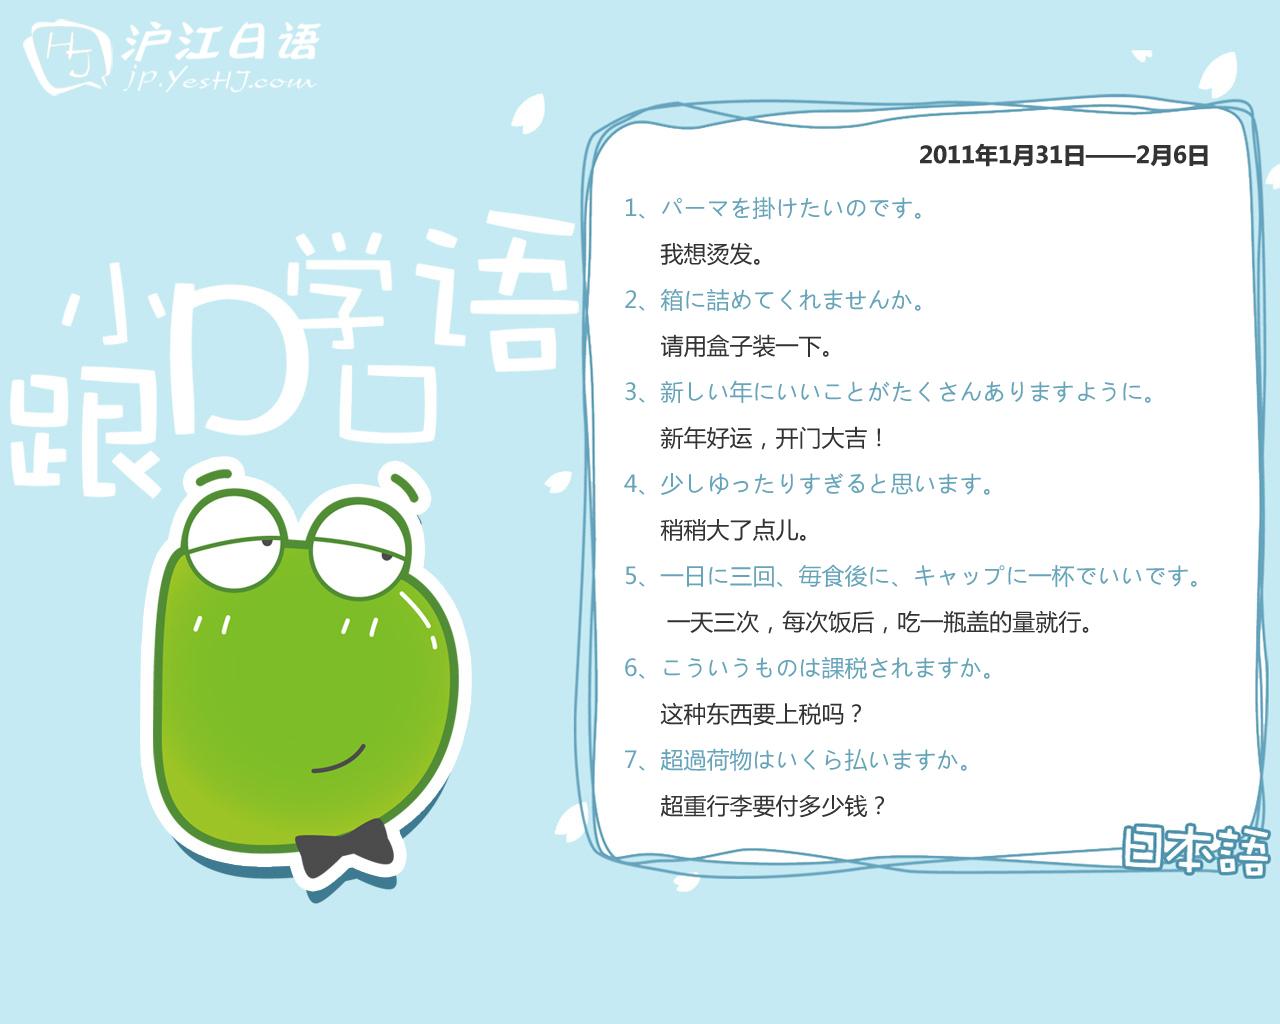 日语名人名言_沪江小d每日一句桌面壁纸(20110131-)